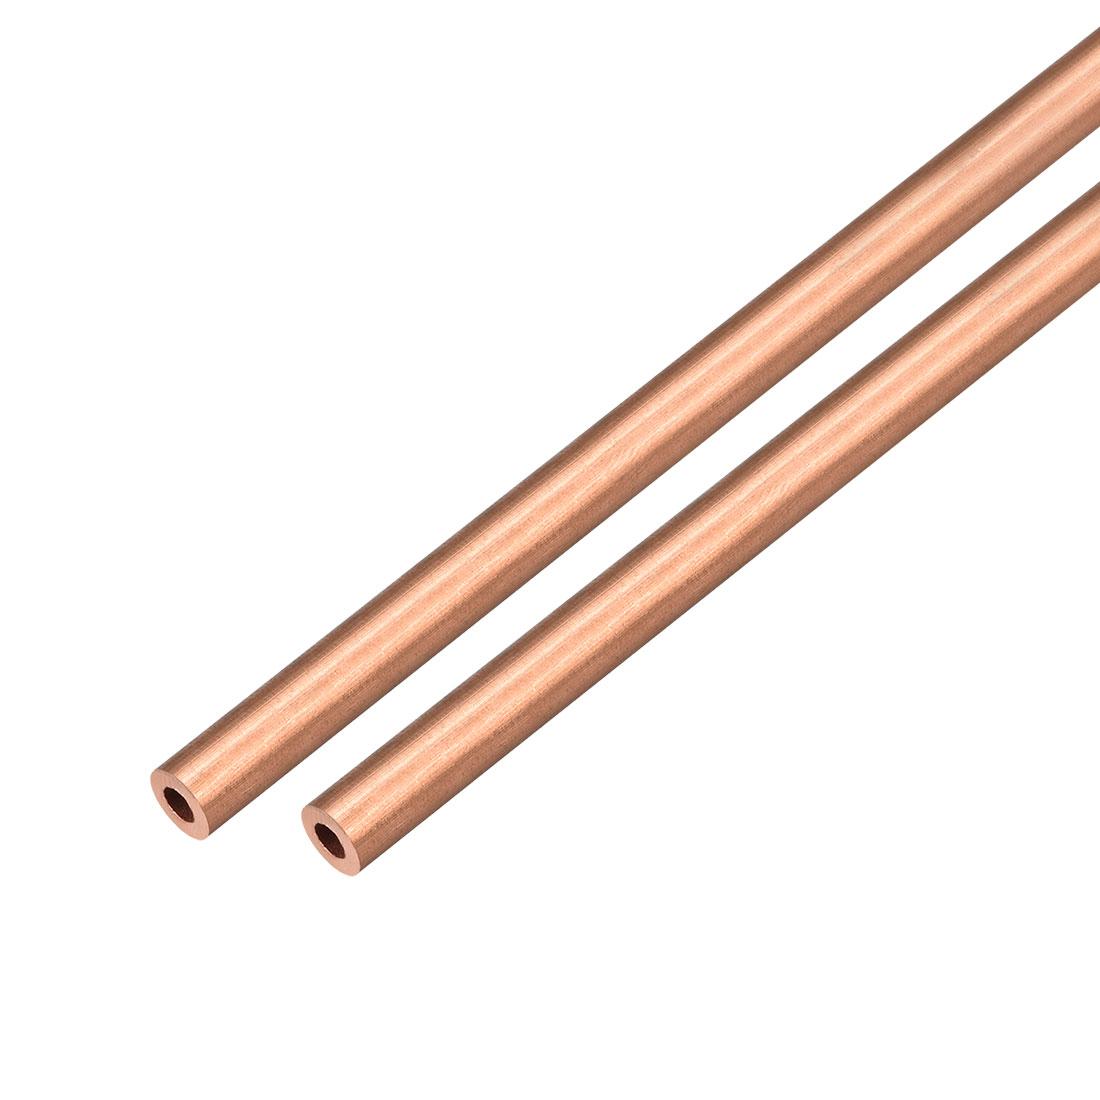 2Pcs 10mm Outside Diameter x 8mm Inside Diameter 500mm Copper Round Tube Pipe